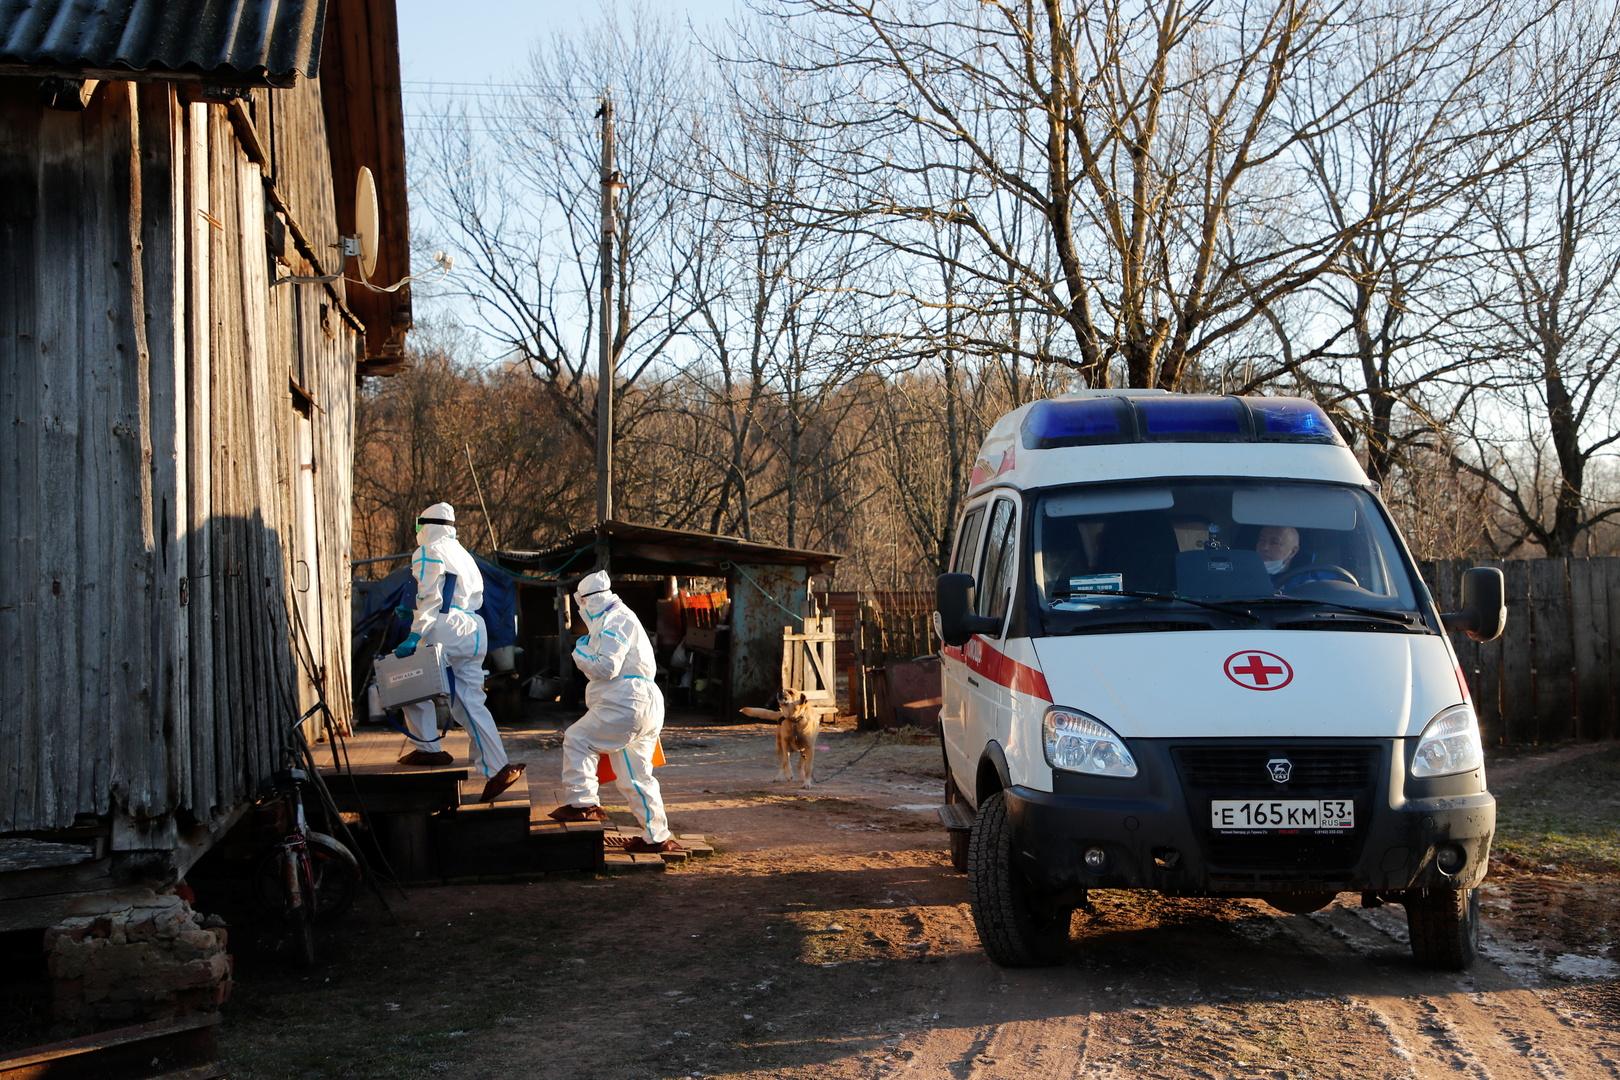 لليوم الثاني على التوالي.. روسيا تسجل أدنى حصيلة إصابات بكورونا منذ 5 أشهر